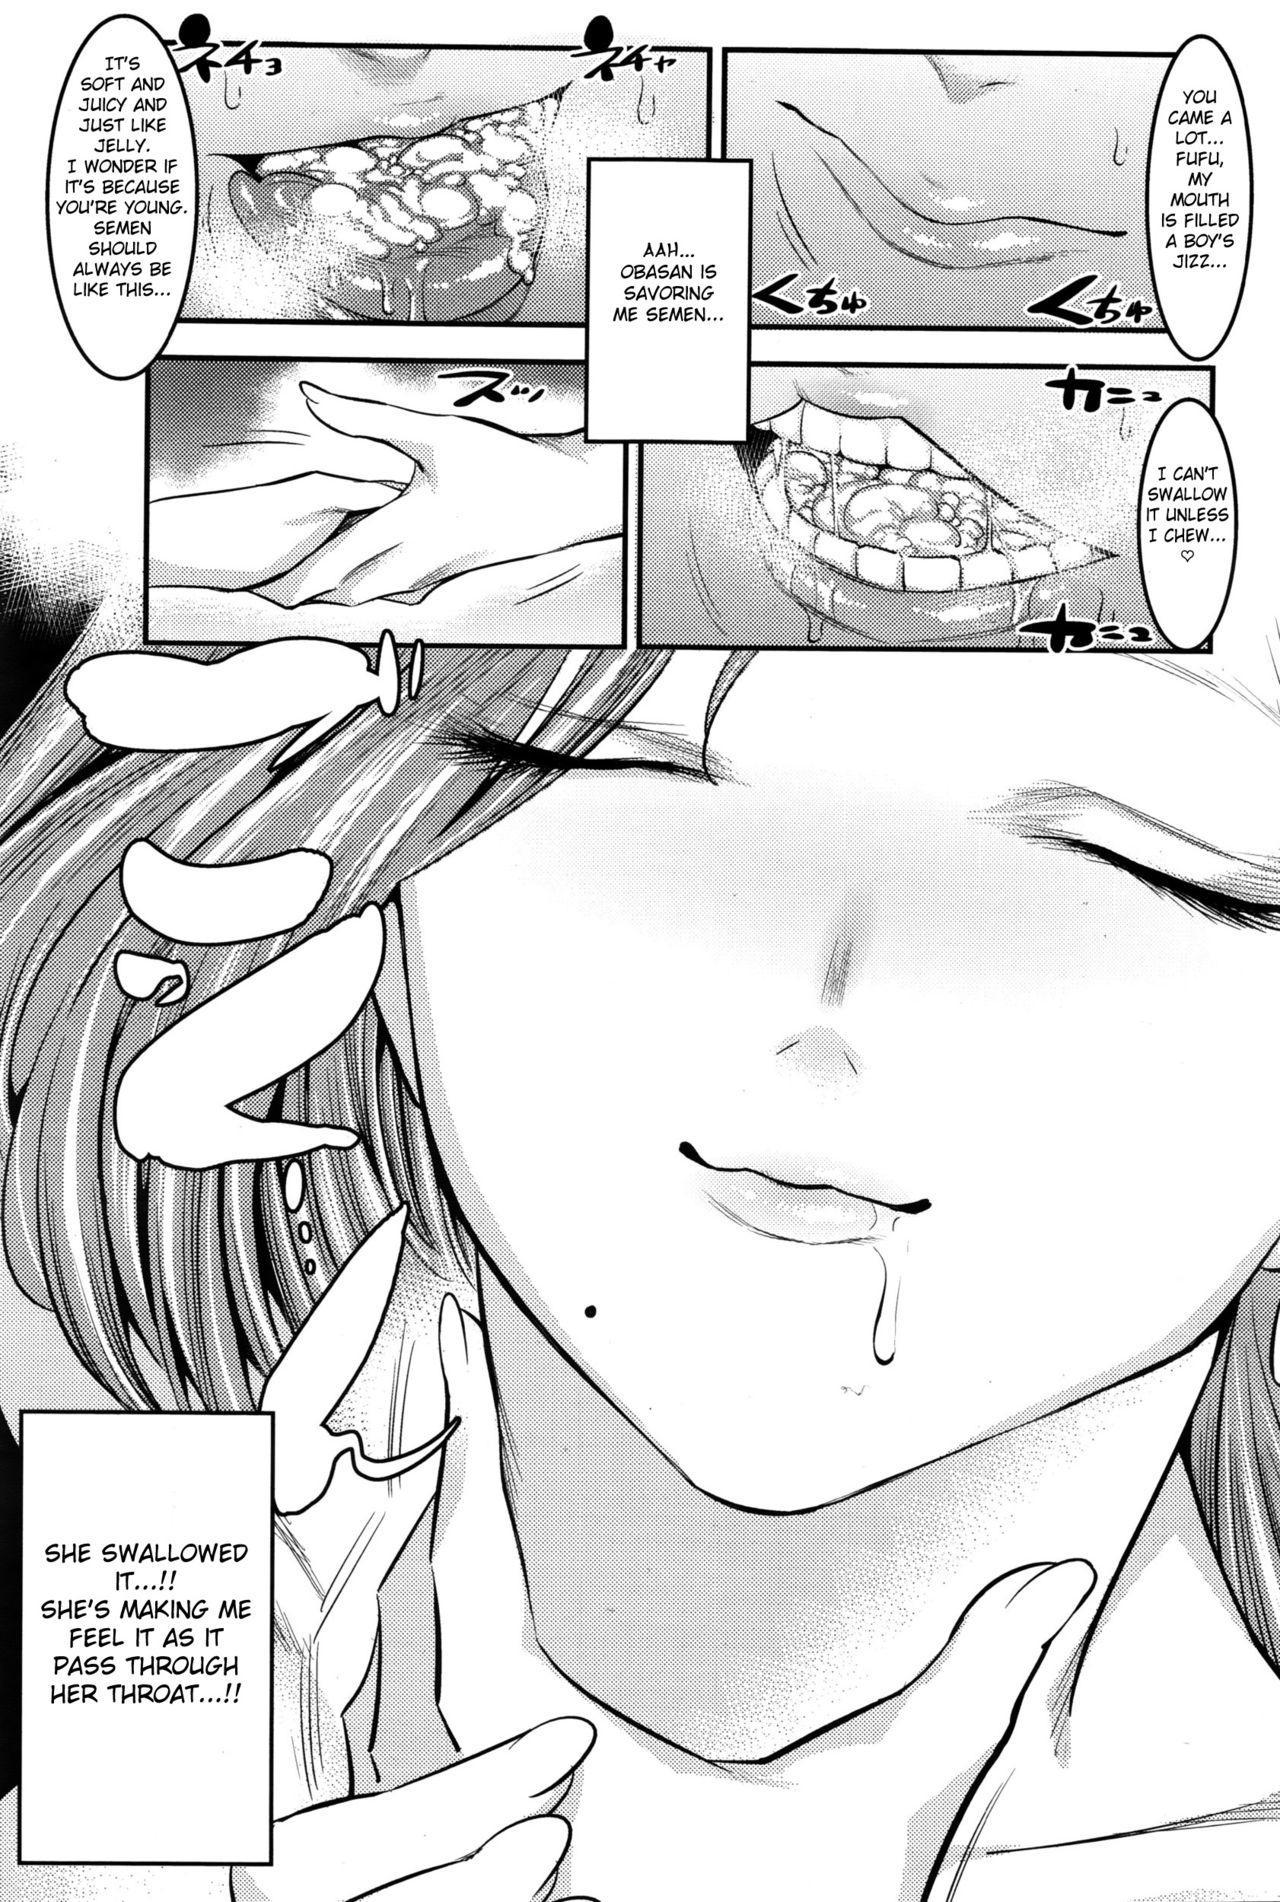 Hontou wa Kowai Tomodachi no Okaa-san | Really Scary Friends' Mothers 12